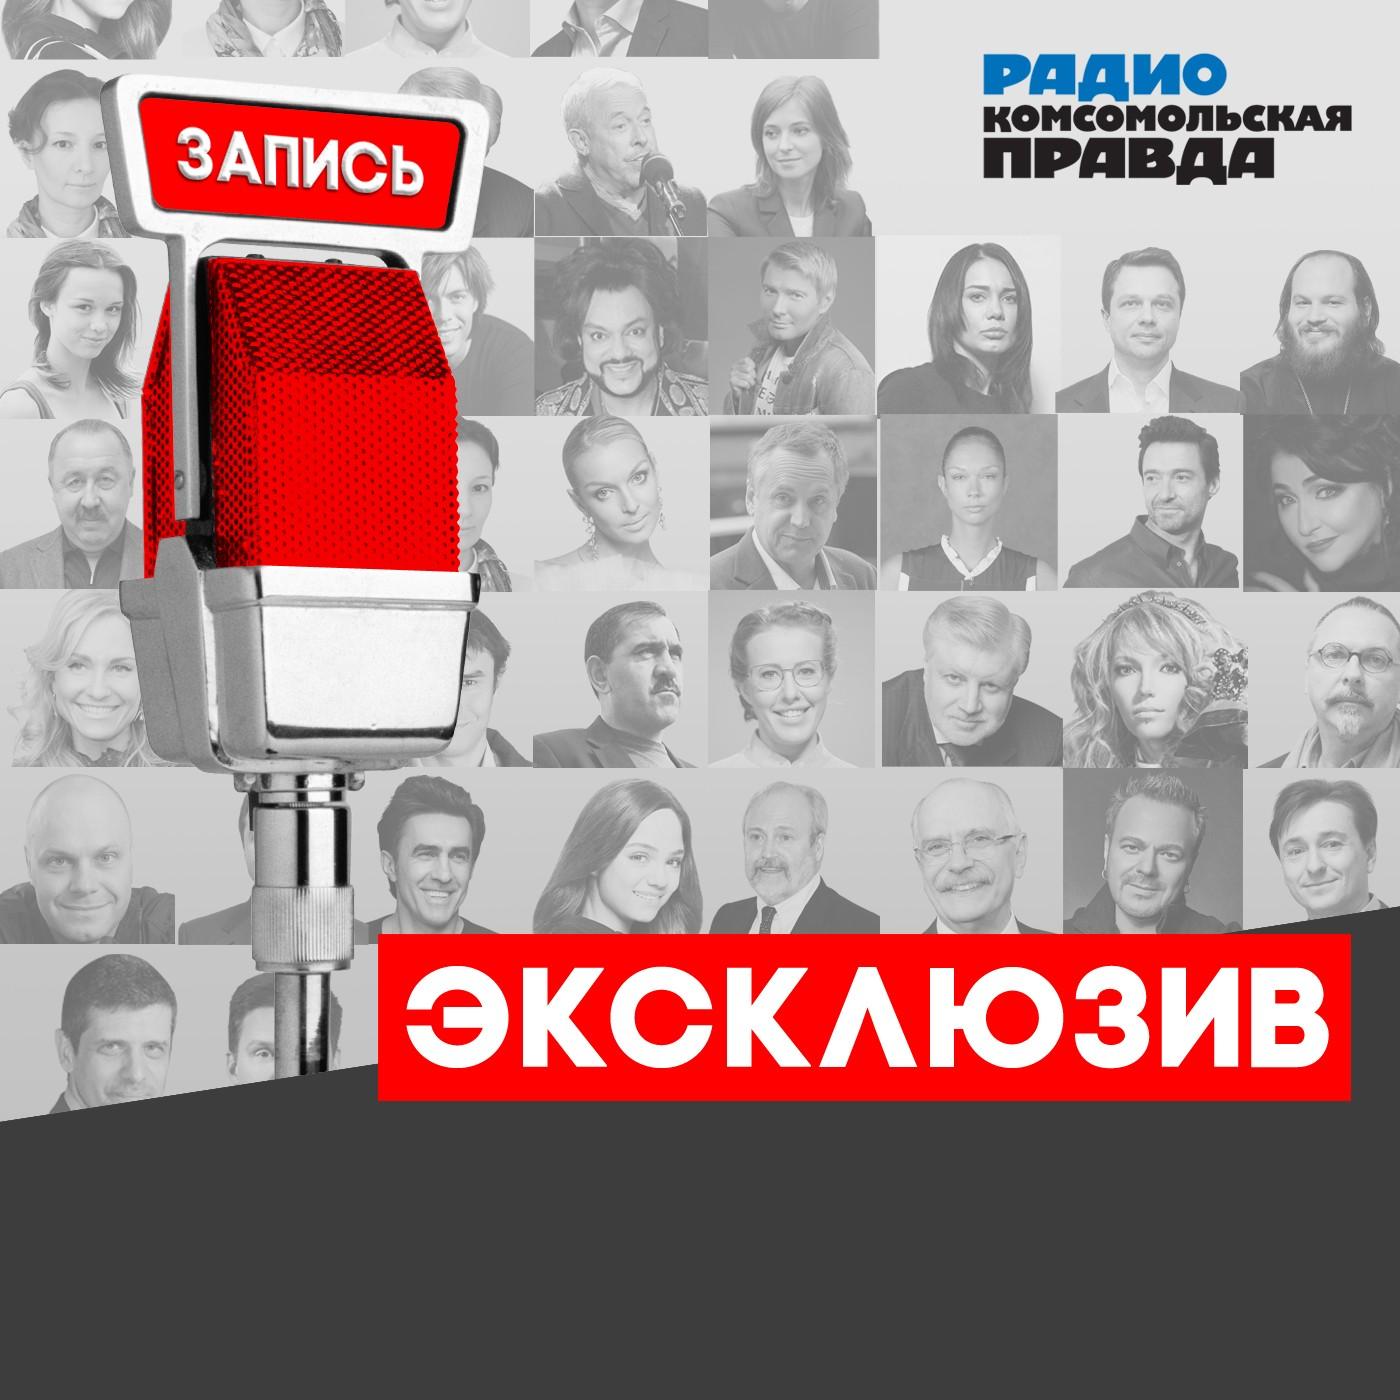 Радио «Комсомольская правда» Владимир Мединский: Это работа Министерства культуры - защищать творцов от безумных активистов